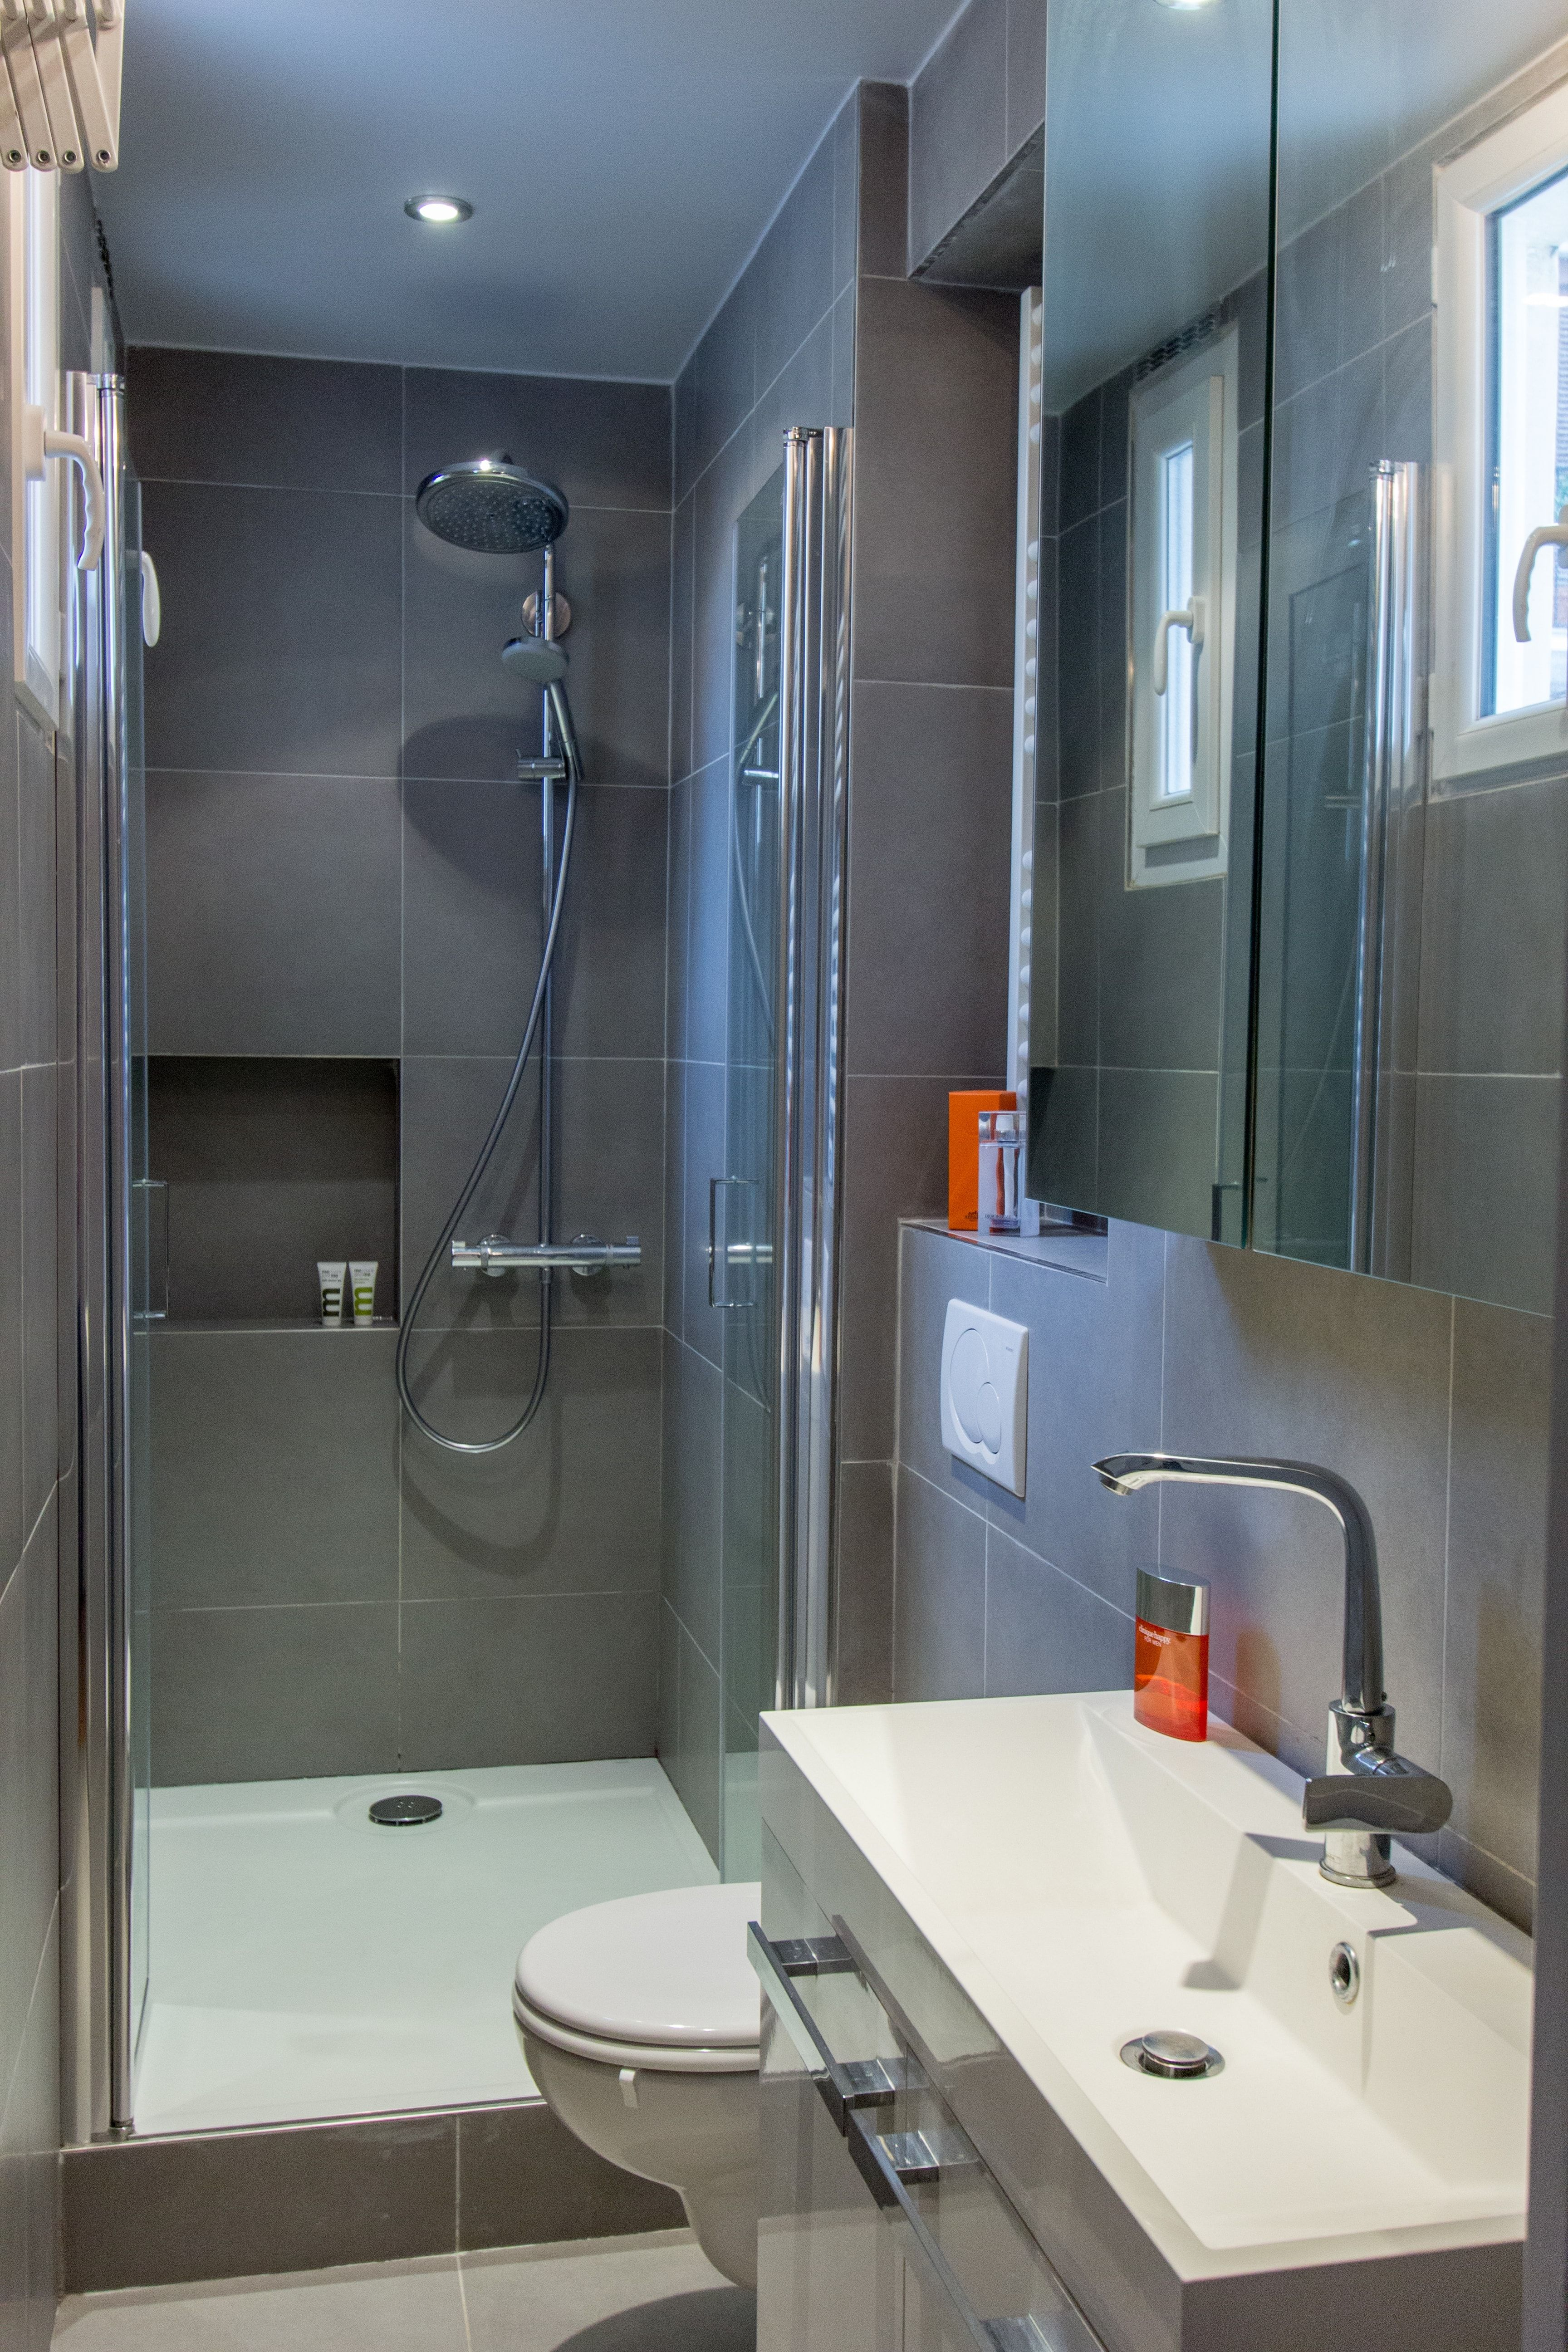 Une petite salle d 39 eau bien pens e salle de bains petite mais pleine d 39 id es journal des for Amenagement petite salle de bain